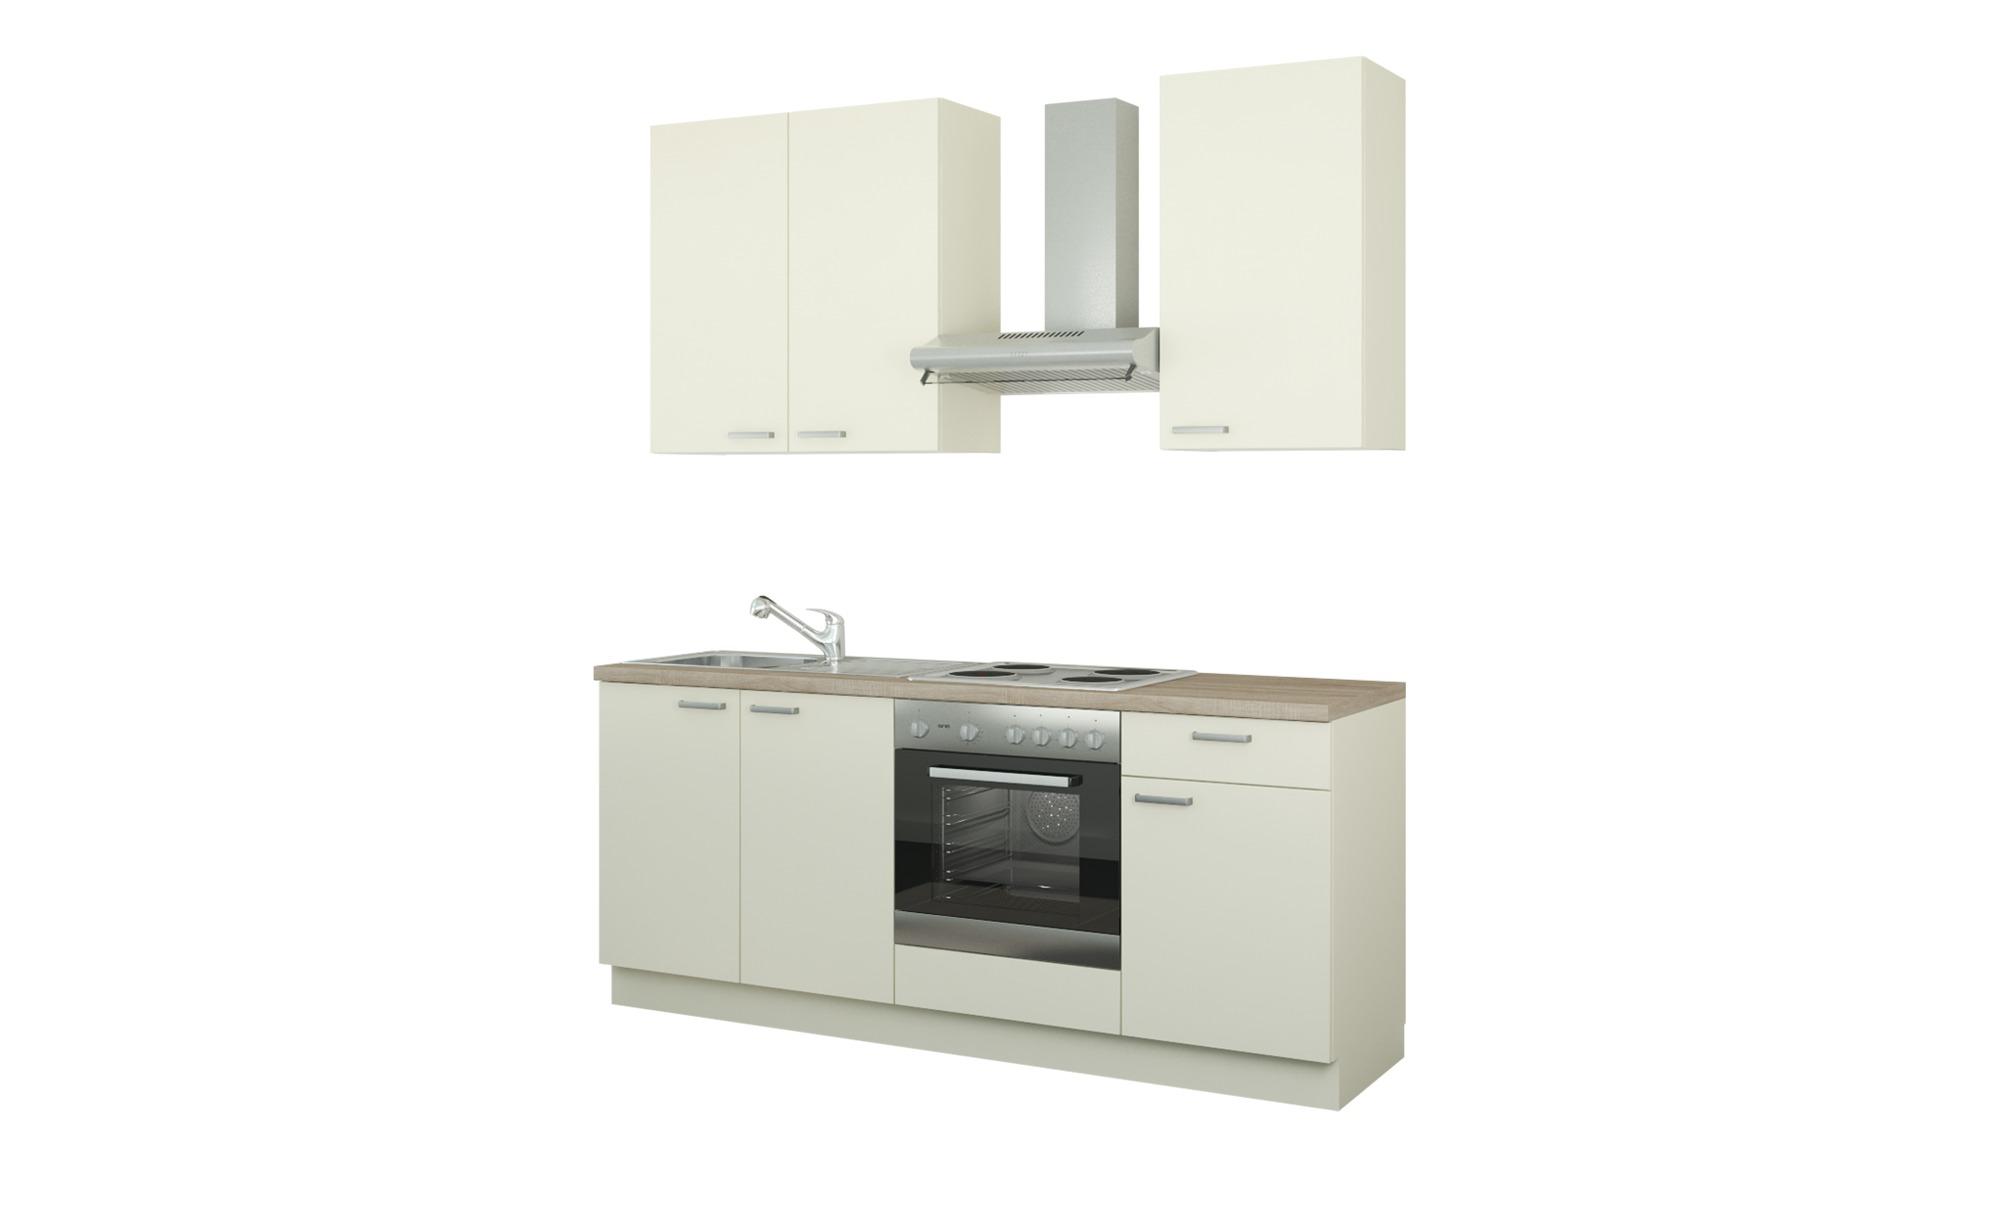 Küchenzeile mit Elektrogeräten  Bochum ¦ creme ¦ Maße (cm): B: 200 Küchen > Küchenblöcke mit E-Geräten - Höffner